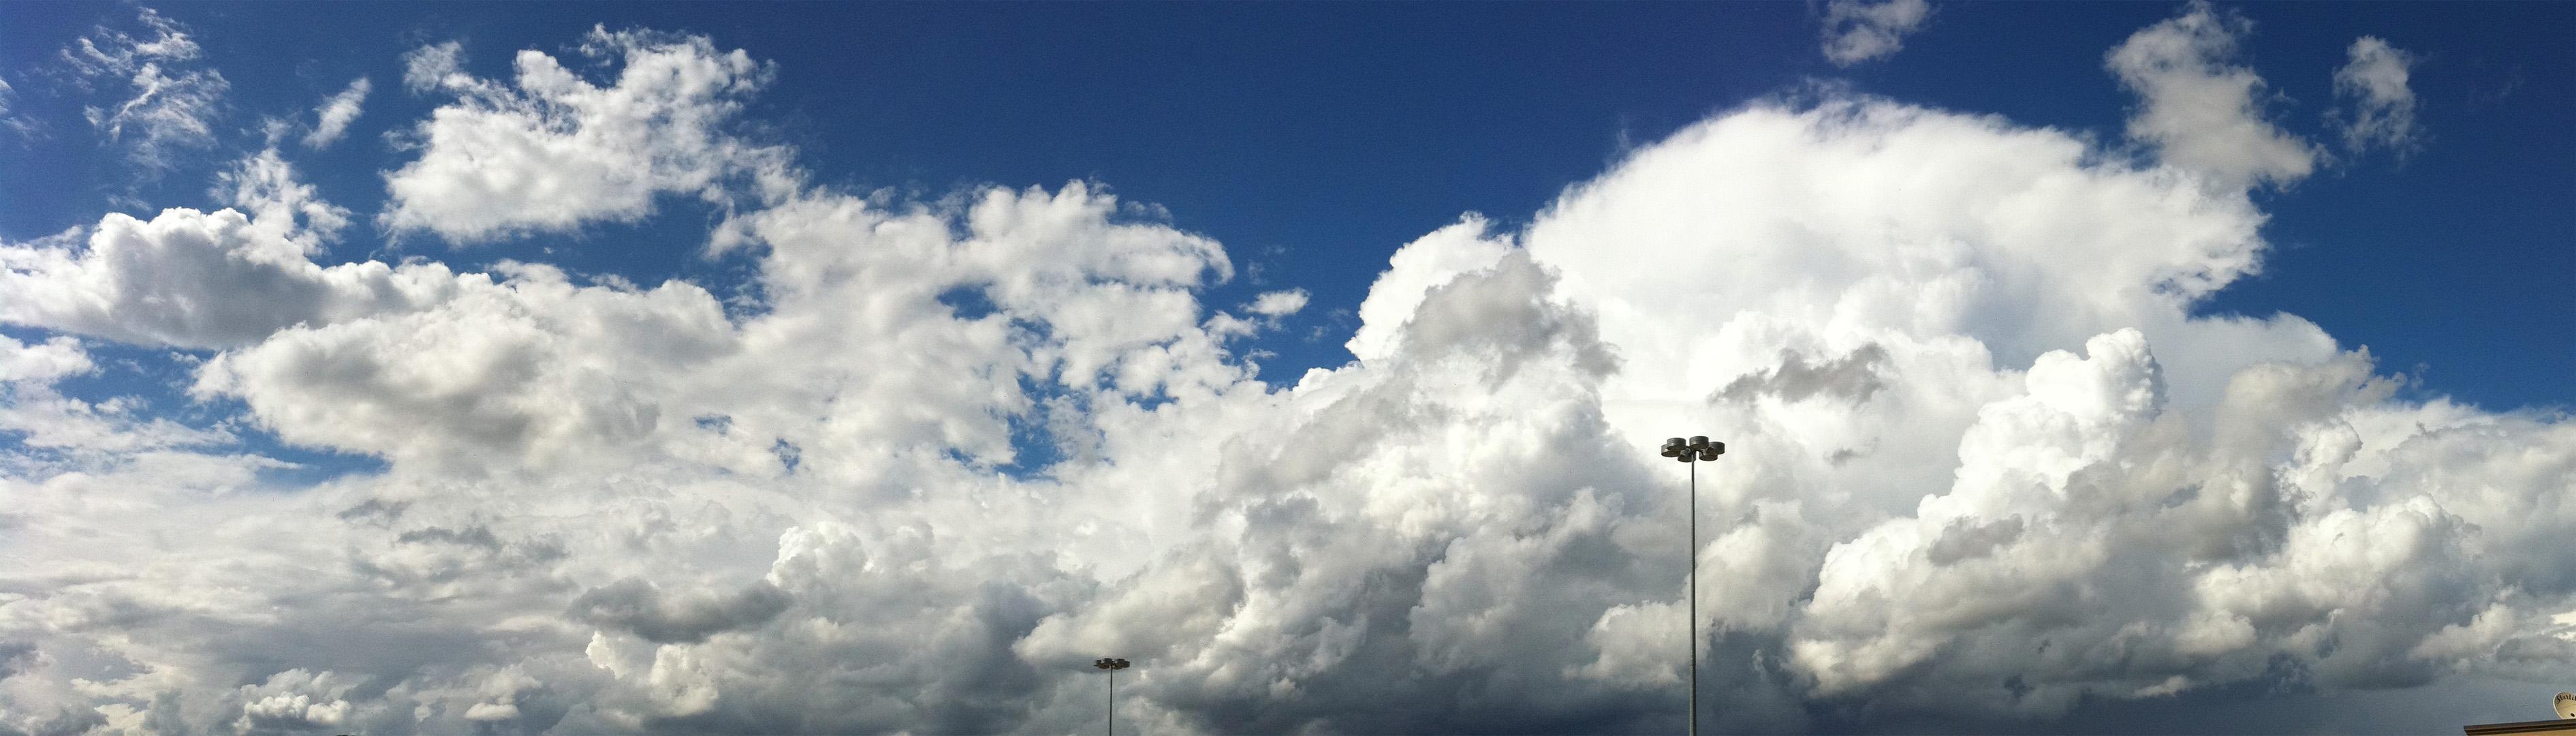 Cloud Panorama by jaryth000